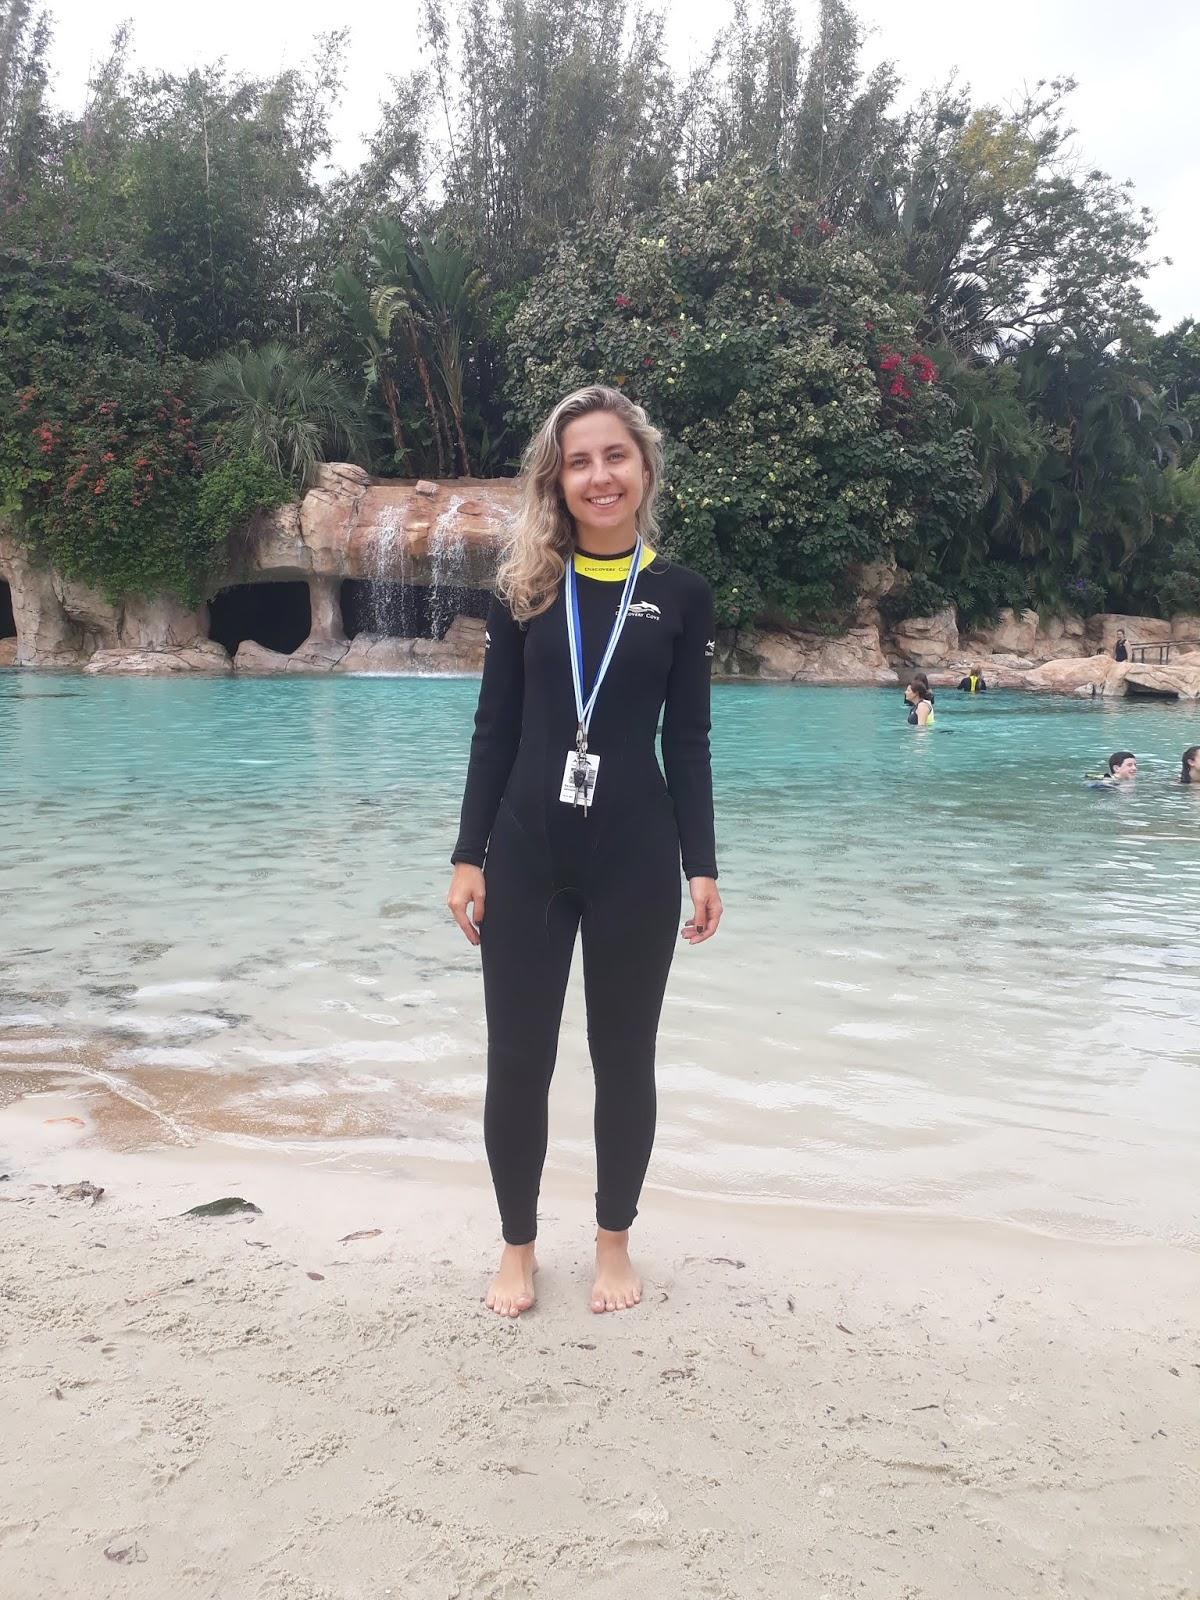 Mergulhei com as raias - Discovery Cove!